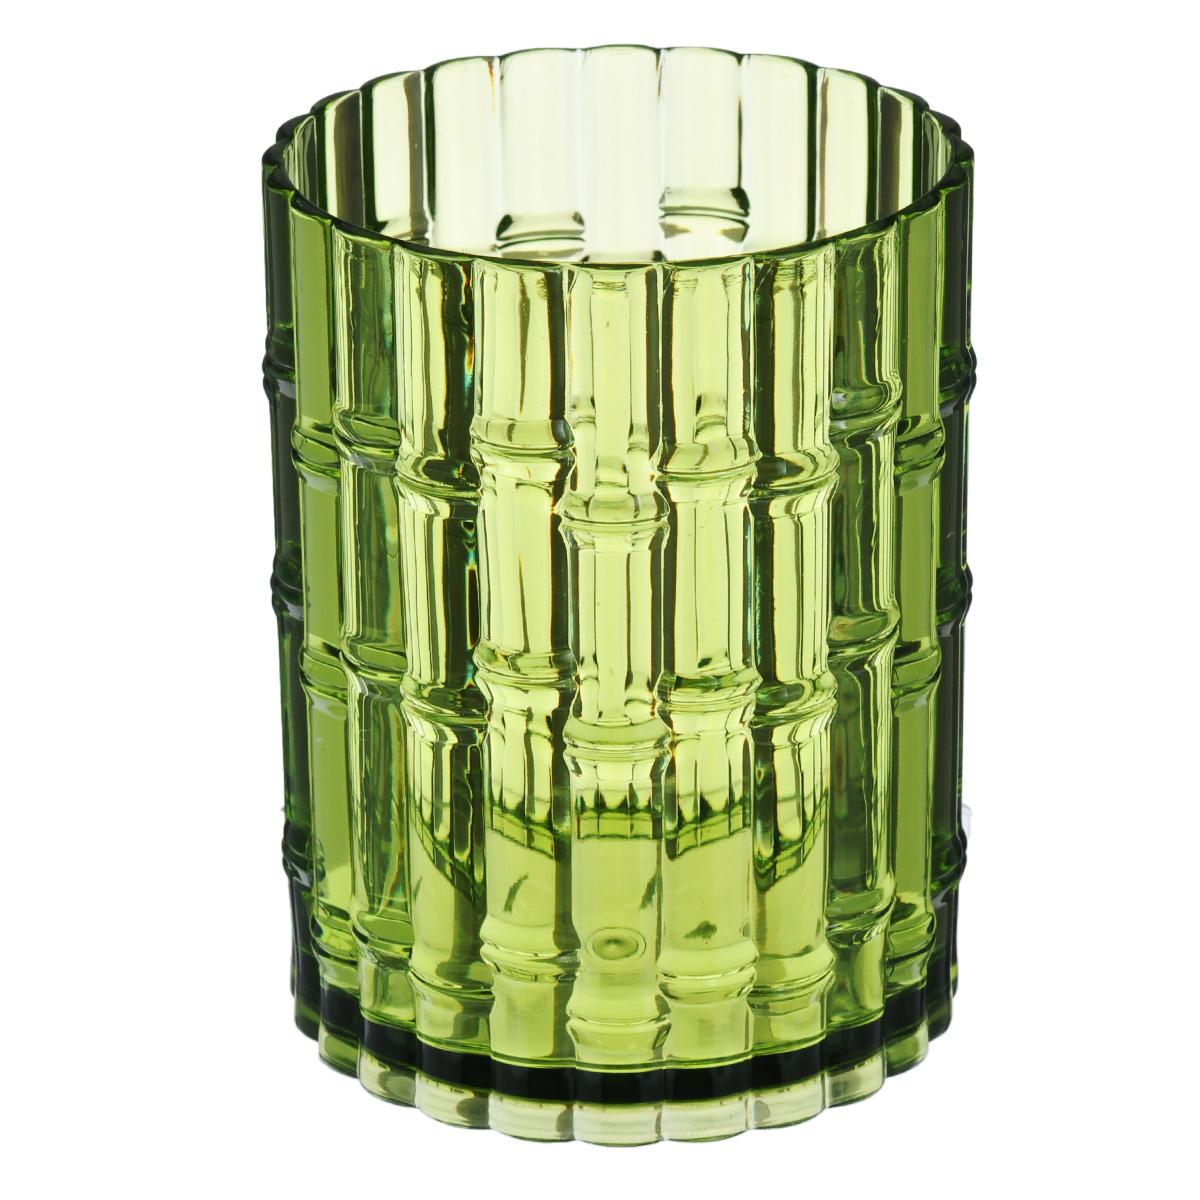 Стакан для ванной Fresh Code Бамбук, цвет: салатовый, 500 мл64541Удобный стакан Fresh Code Бамбук предназначен для хранения различных предметов для гигиенических процедур. Выполнен из акрила с фактурой в виде бамбуковых стеблей. Такой стакан создаст особую атмосферу уюта и максимального комфорта в ванной.